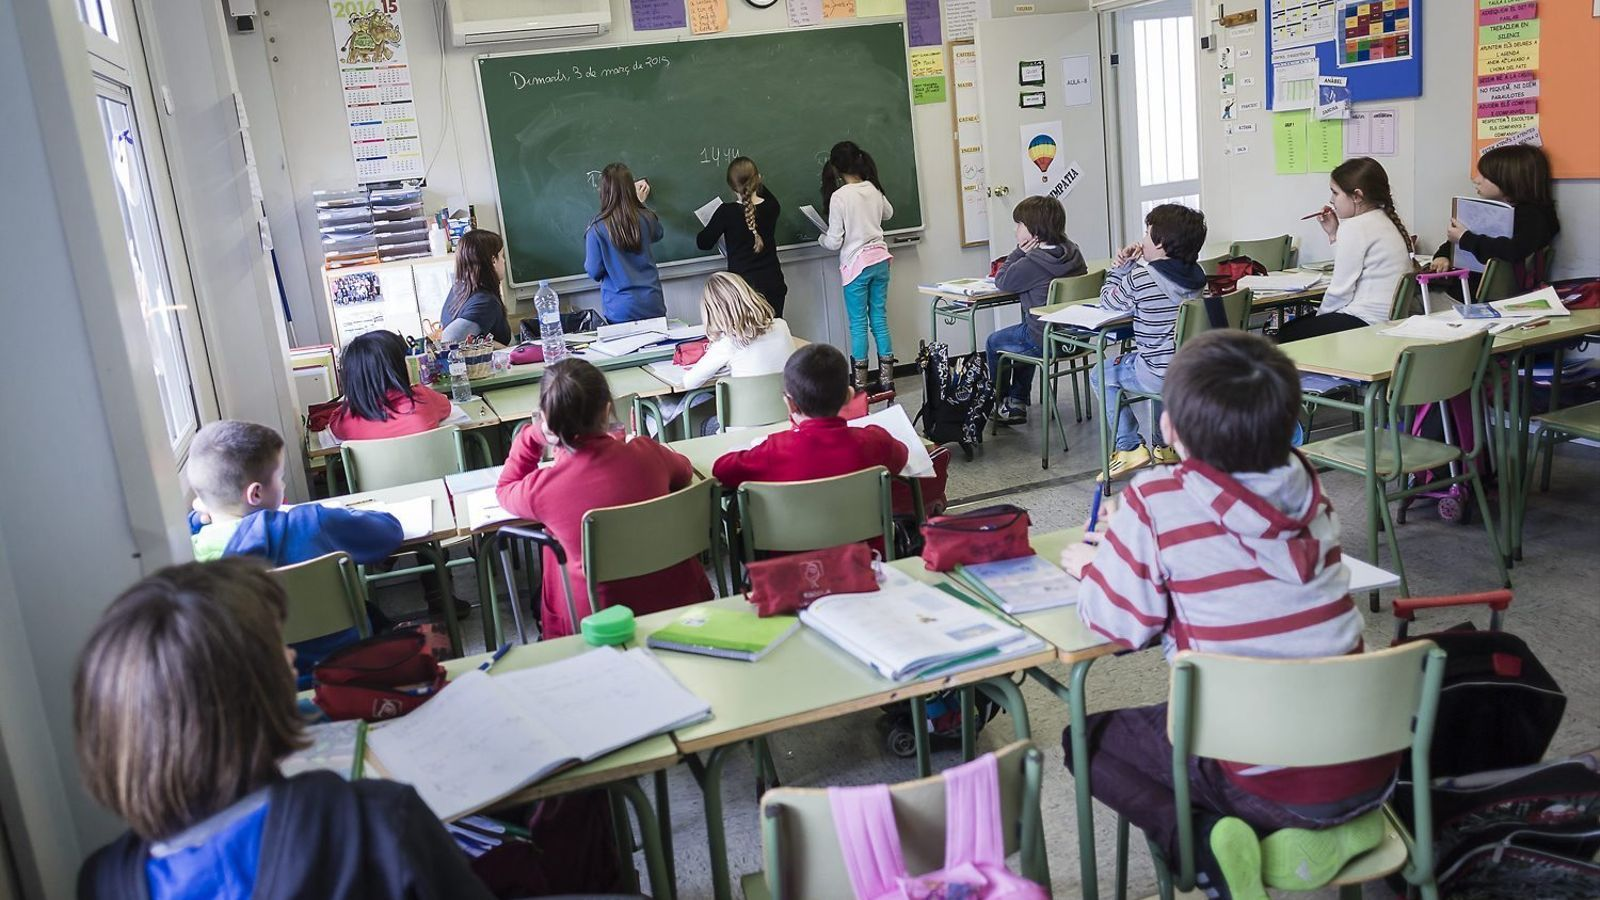 Els alumnes d'una escola, durant una classe